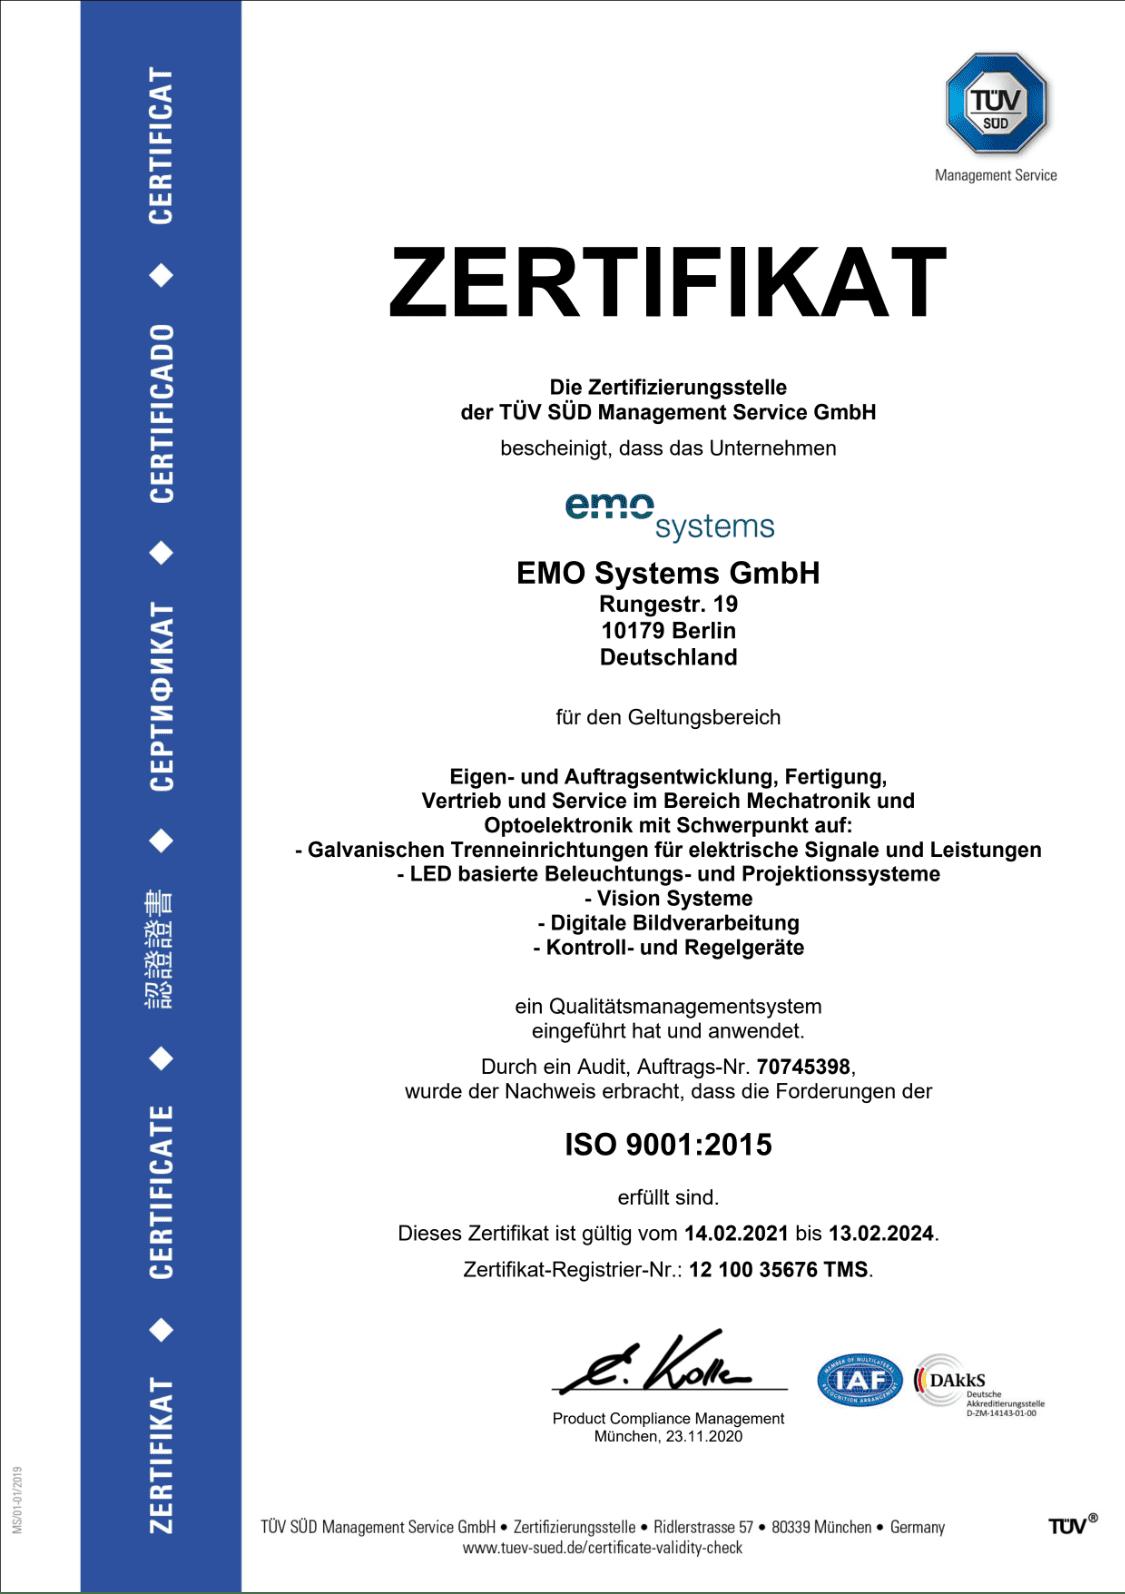 TÜV Zertifikat DIN EN ISO 9001